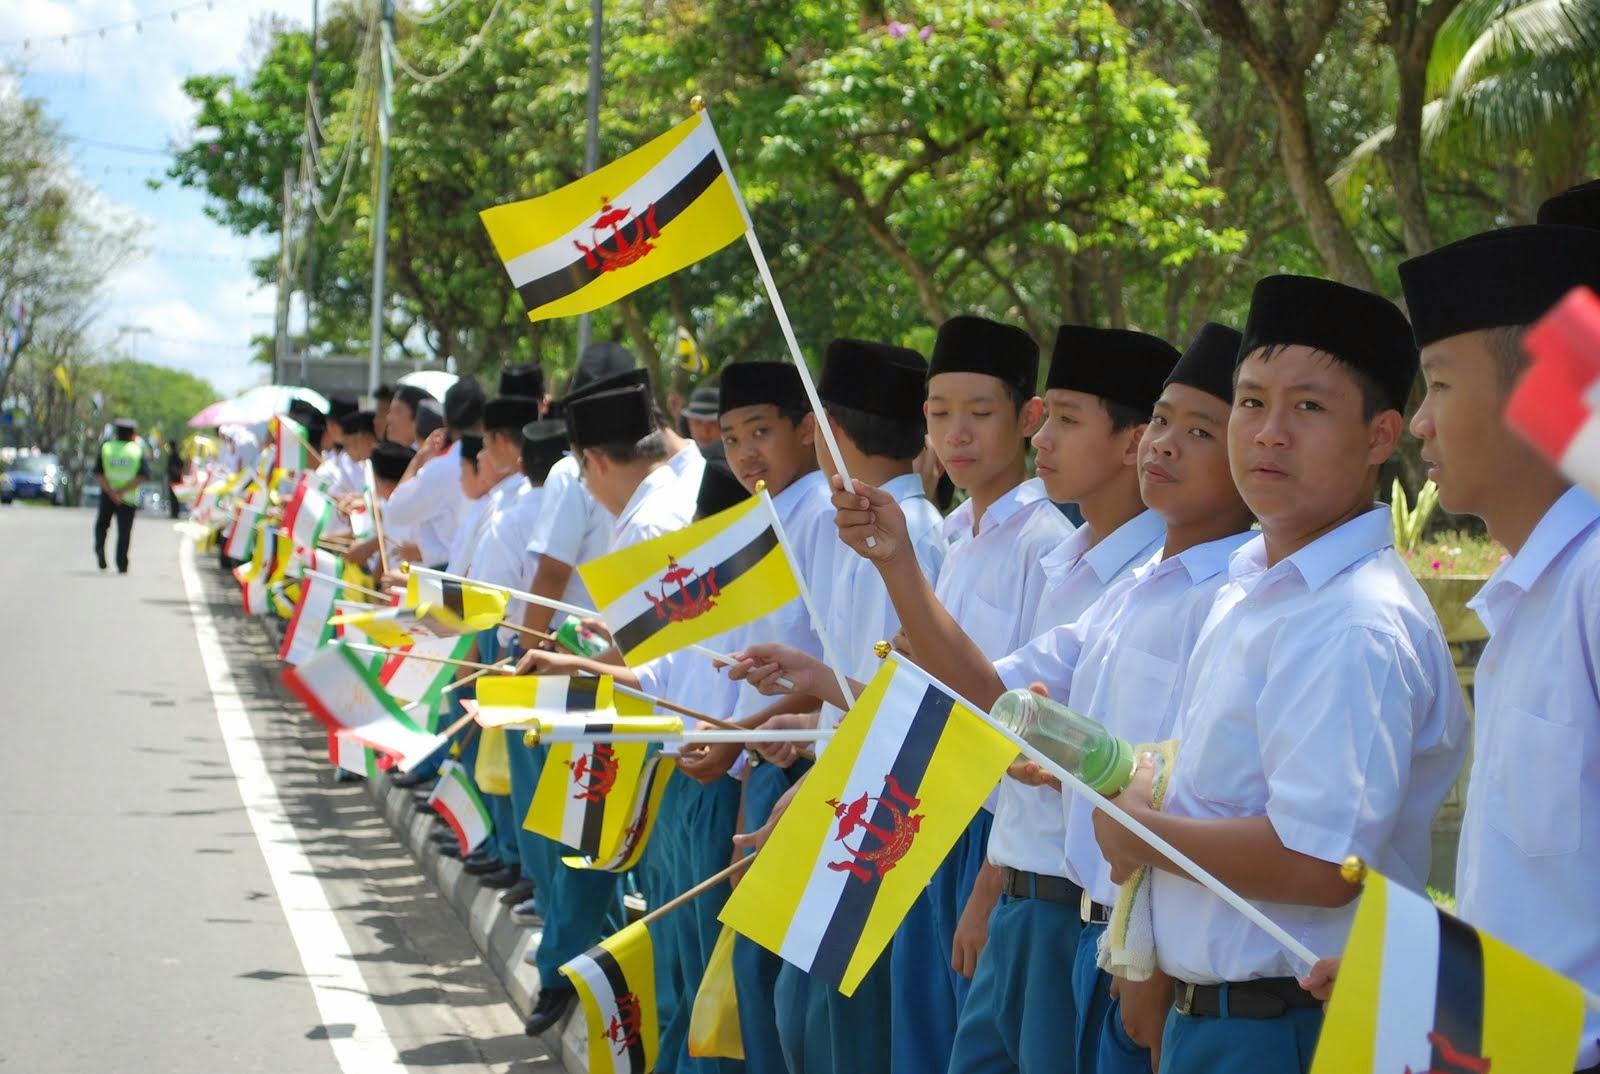 Perbedaan Seragam Sekolah di Negara-negara Asia Tenggara ...